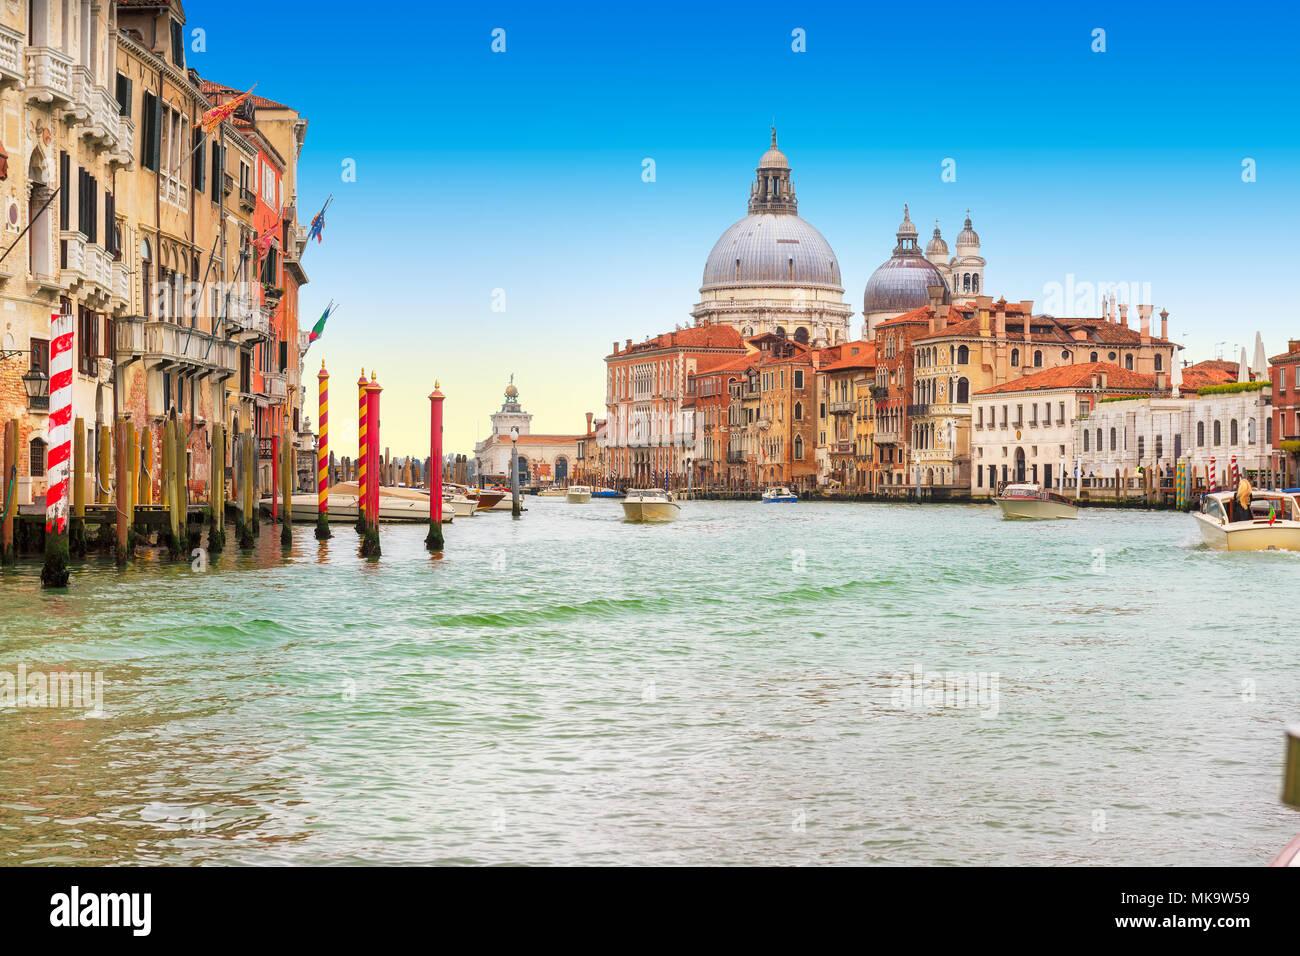 Venice,Italy. - Stock Image